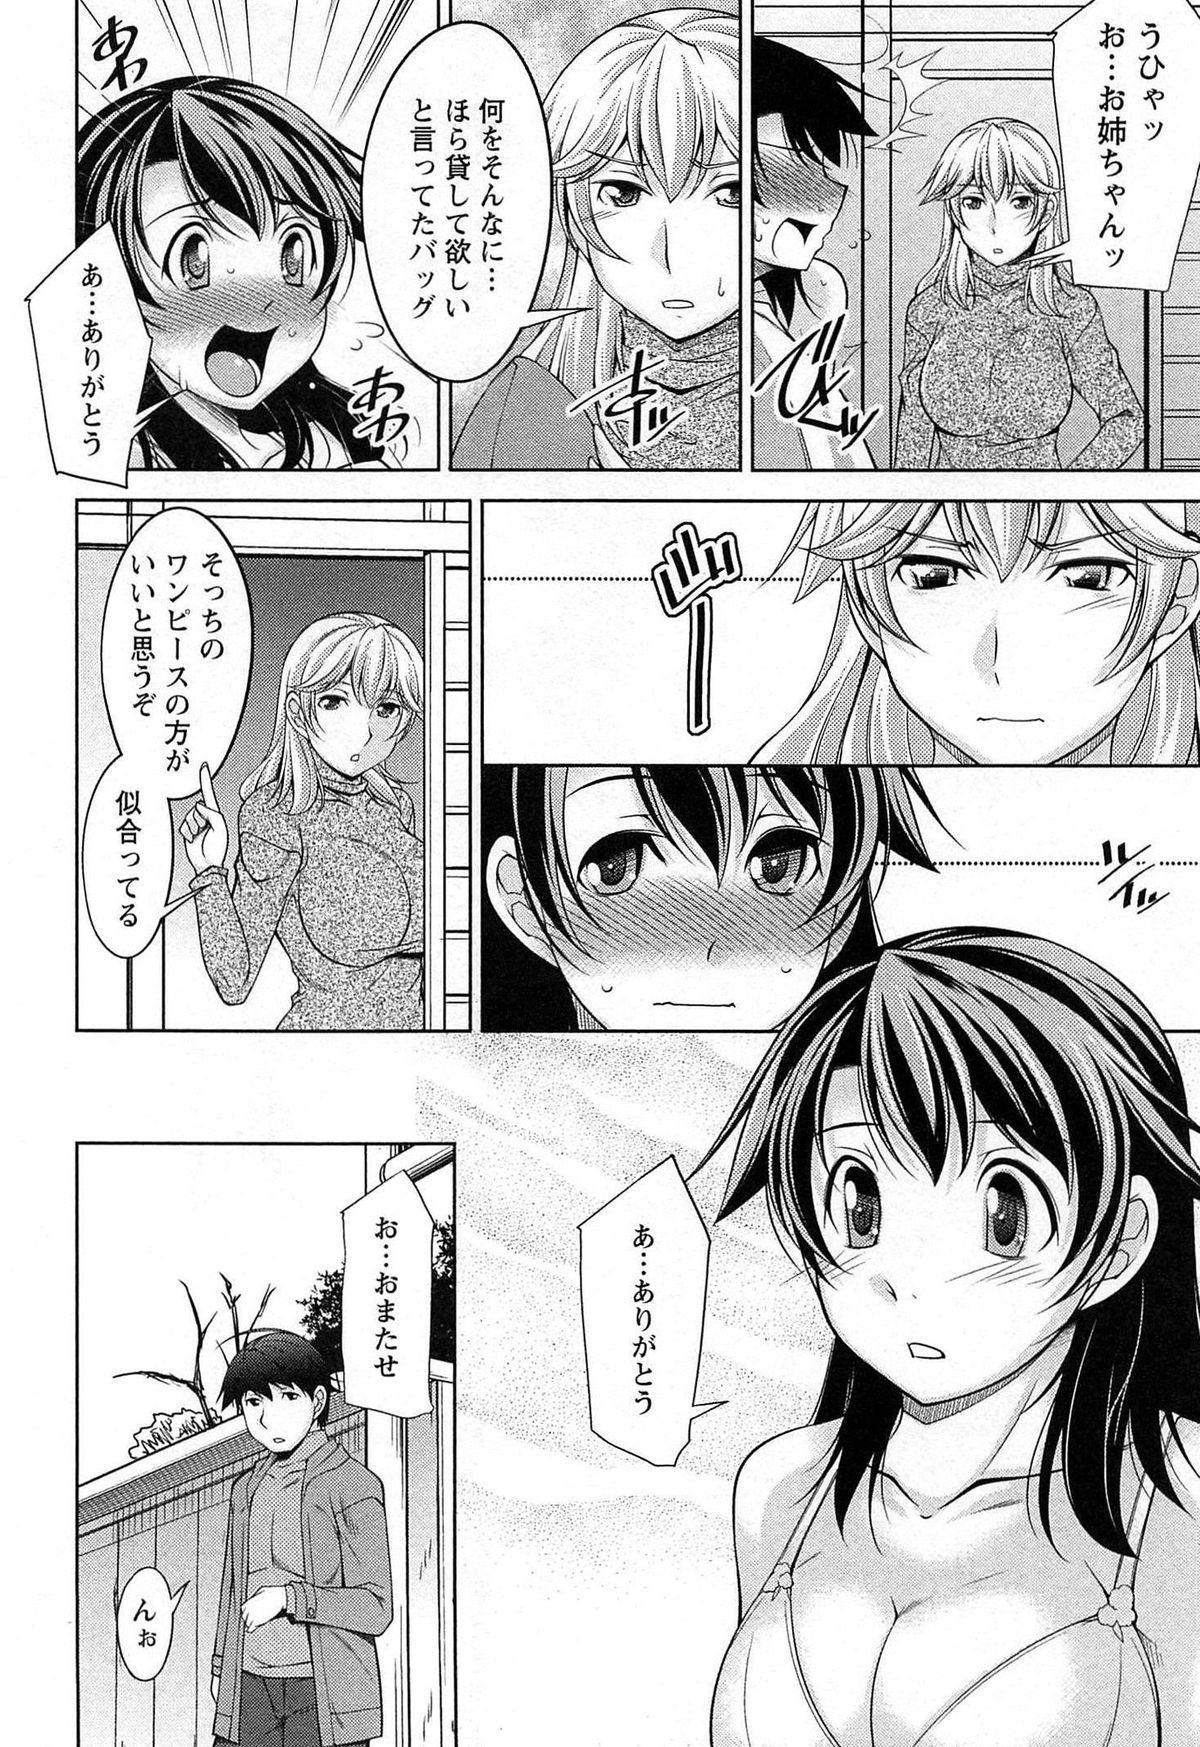 [zen9] Tsuki-wo Ai-Shite - Tsuki-ni Koi-shite 2 42